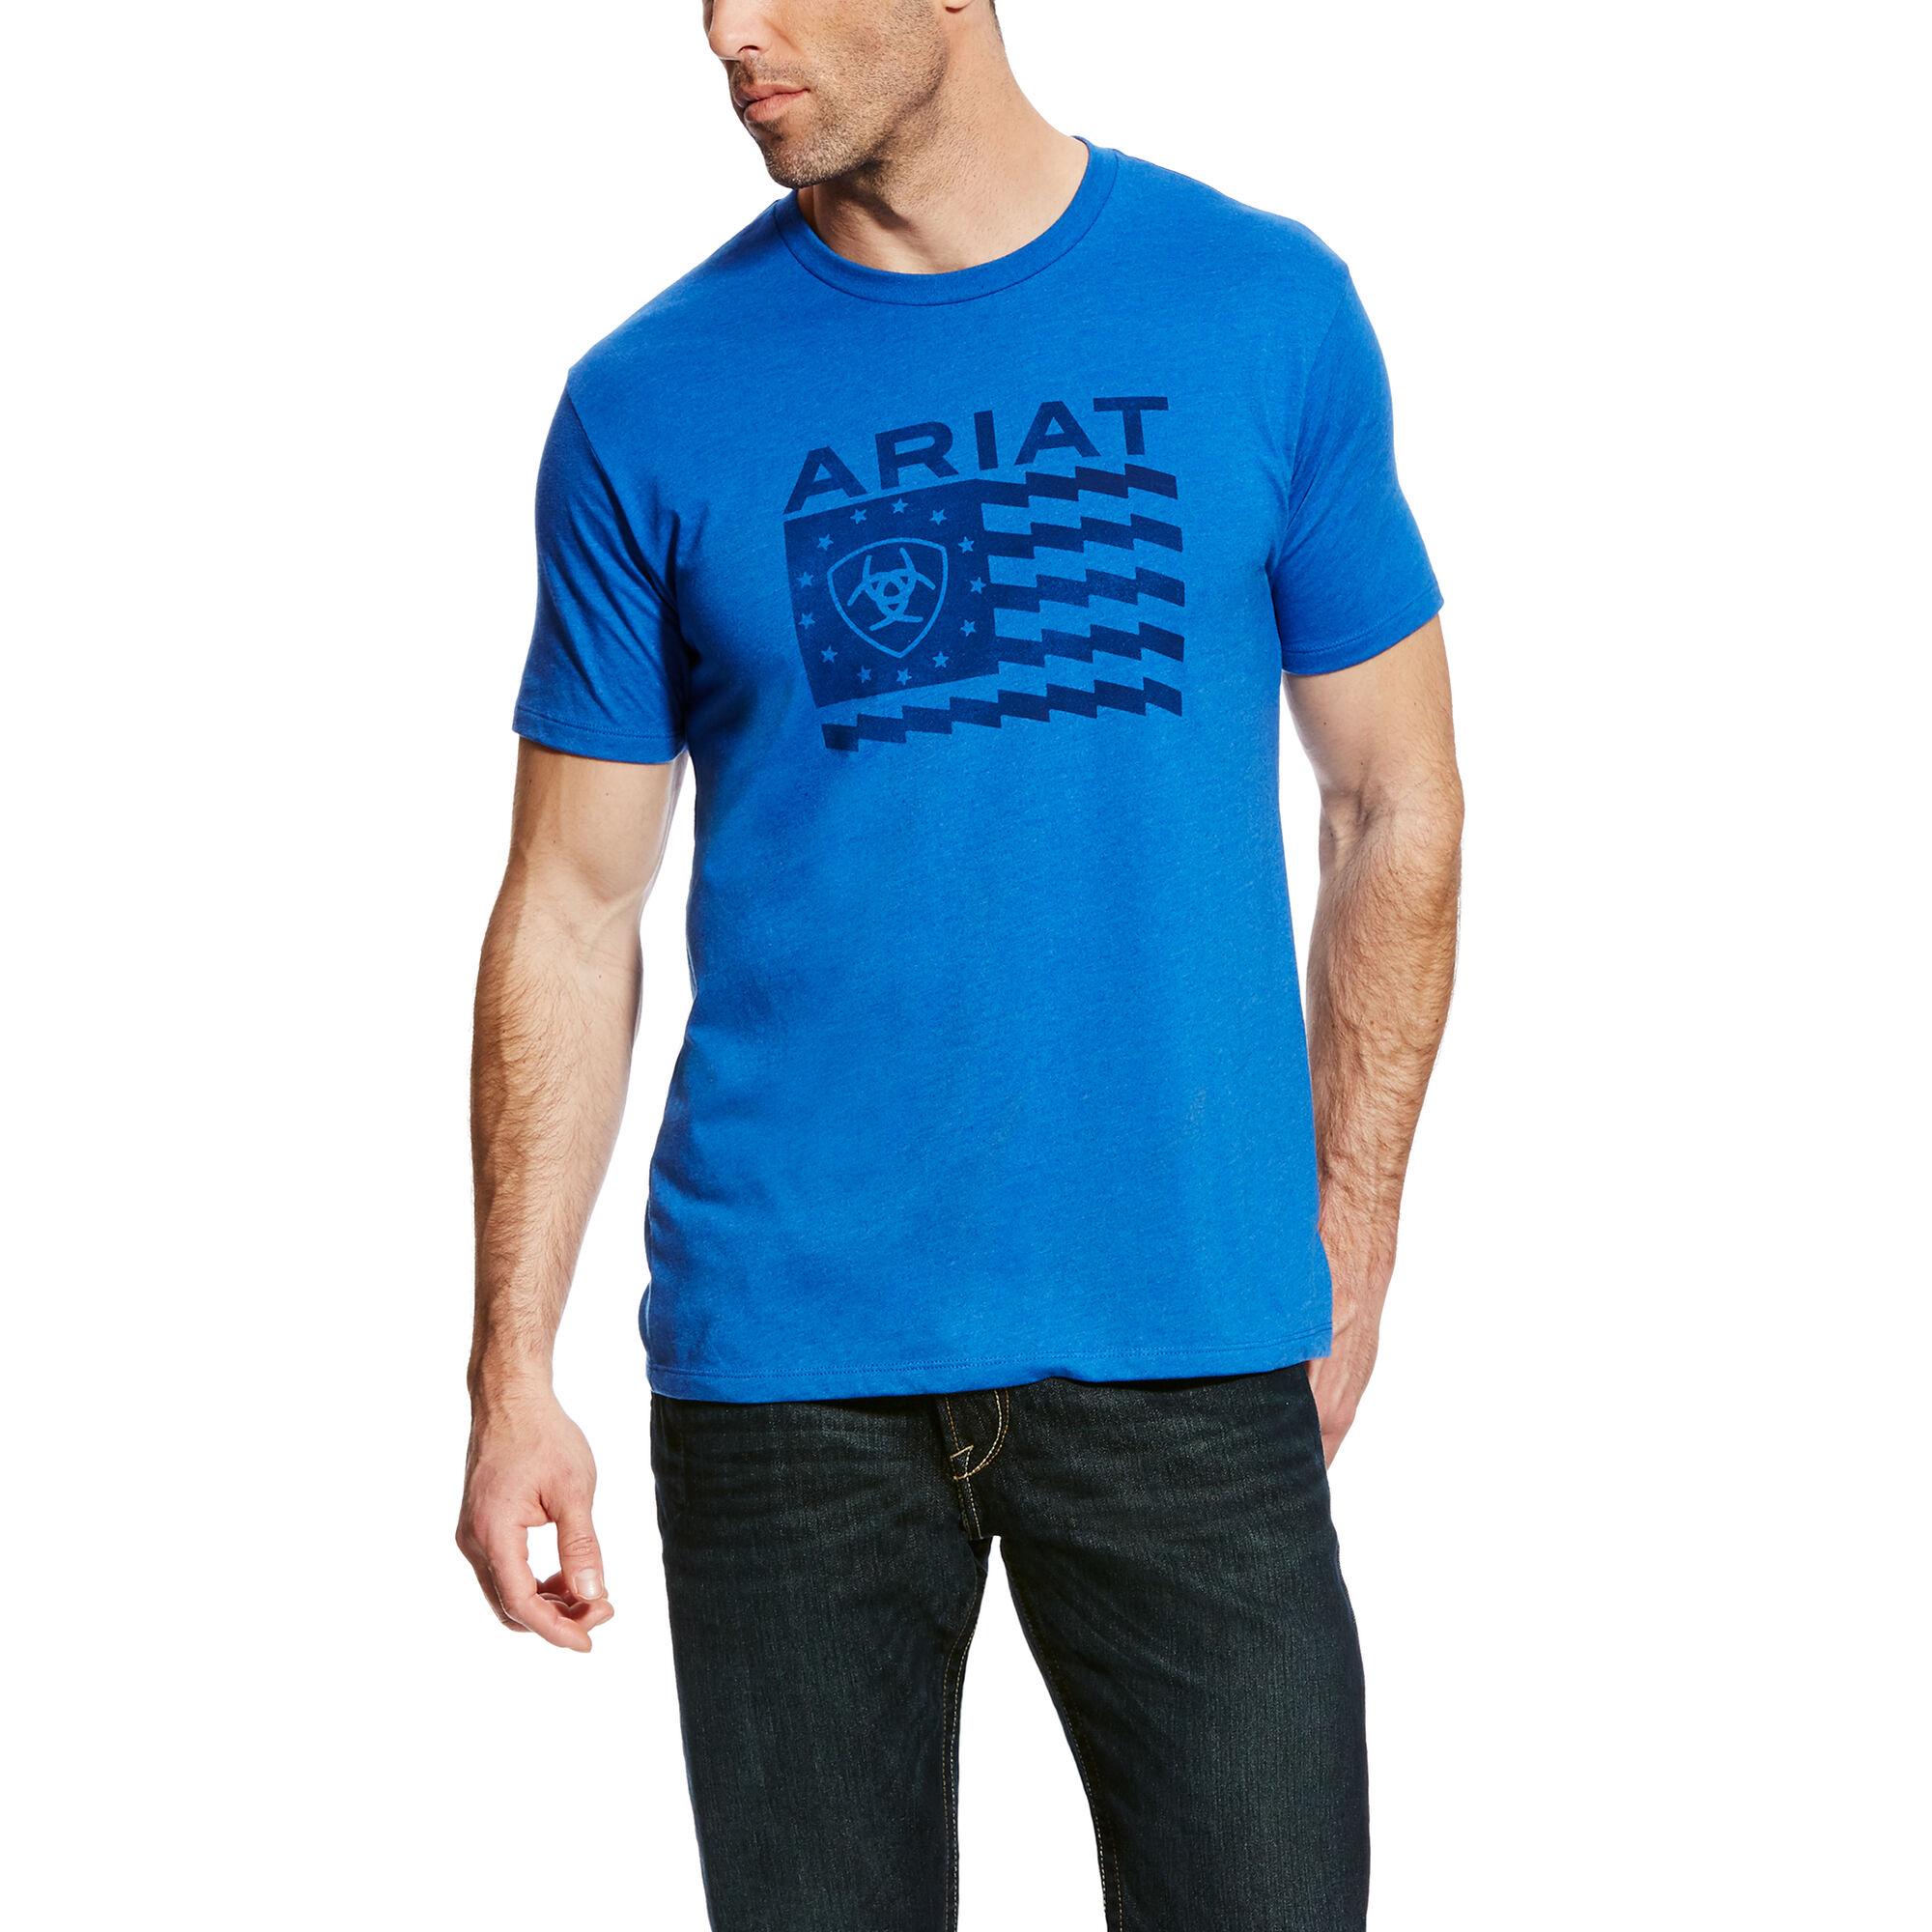 Old Glory Tee T-Shirt